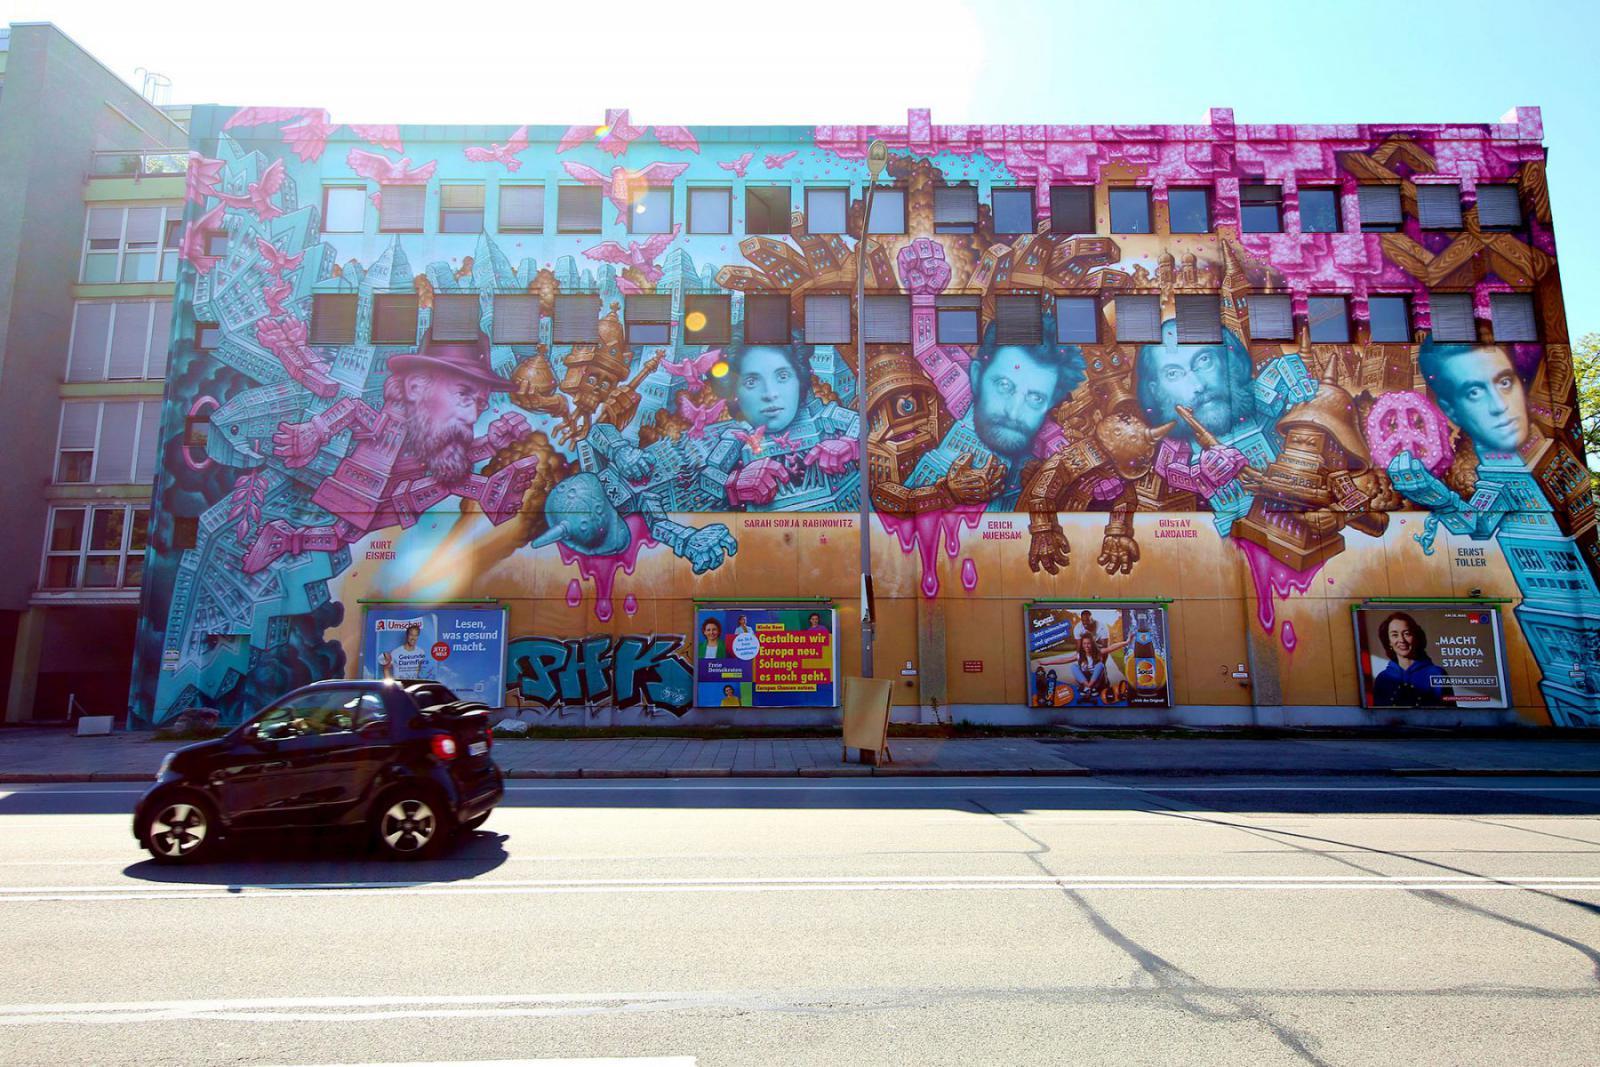 München is pionier van de street art; overal in de stad kom je het tegen   Credit: Sigi Mueller